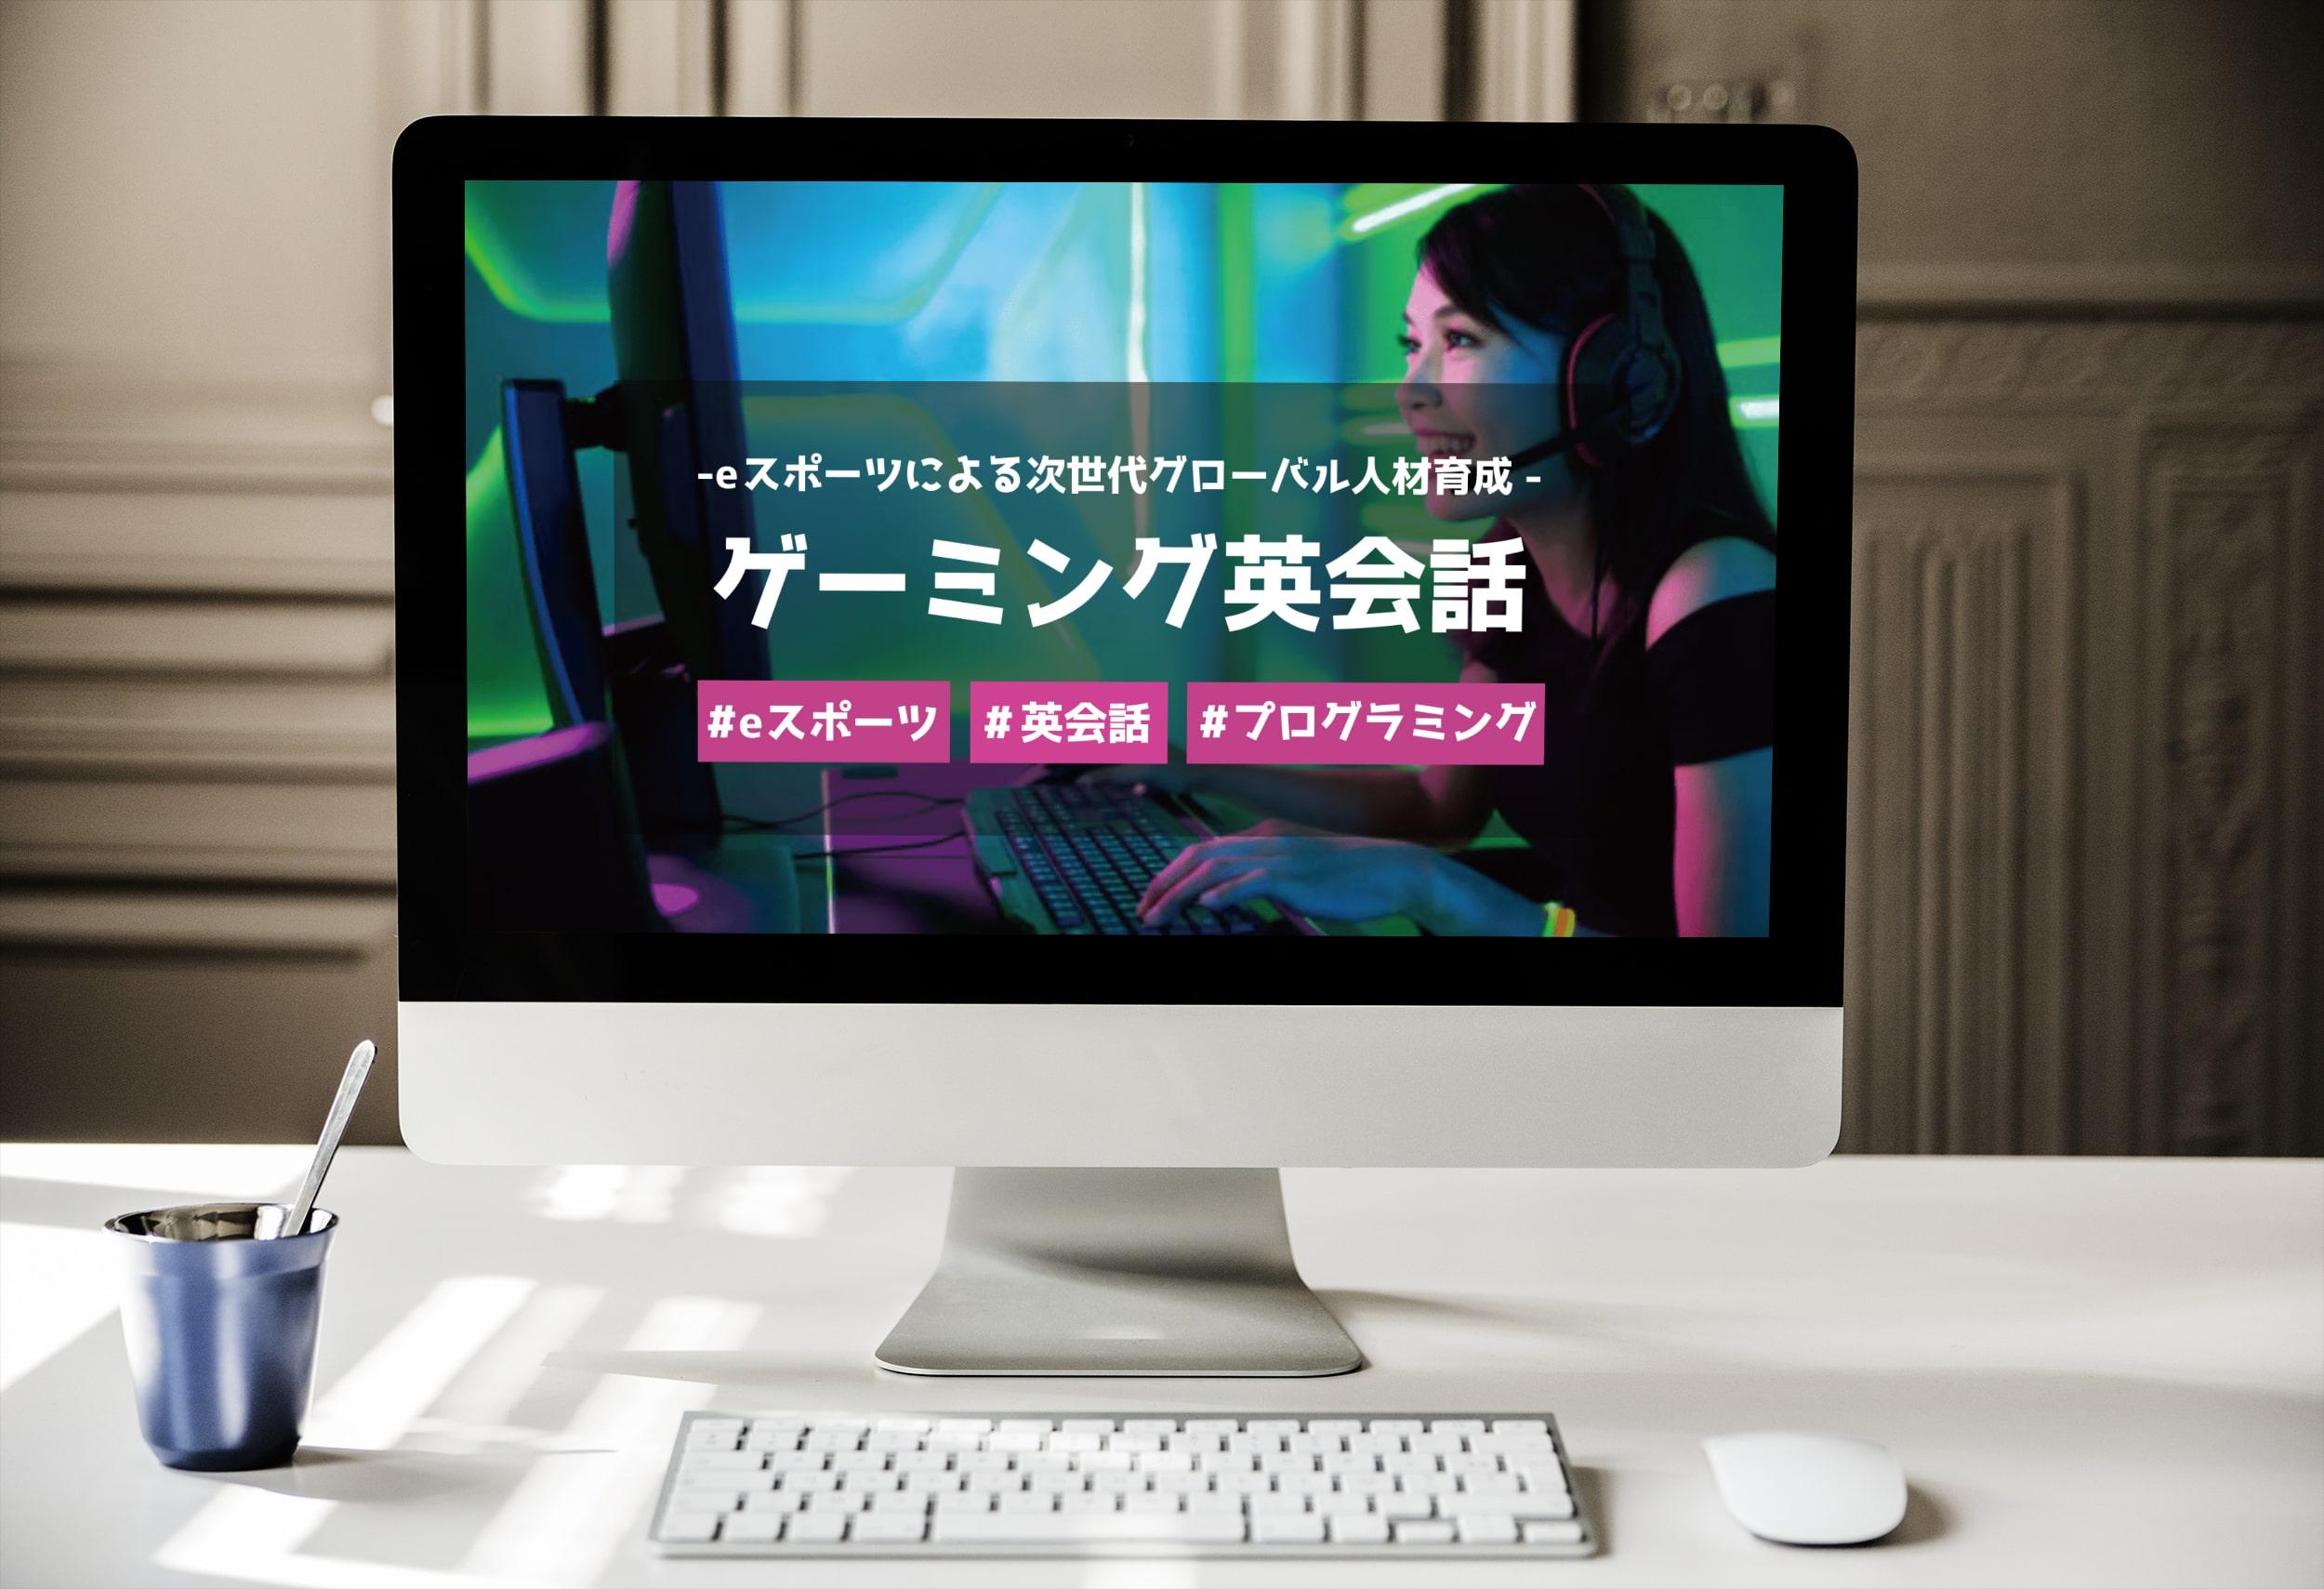 ゲーミング英会話ローンチしました!日本初「eスポーツ×英語×プログラミング」教育サービス